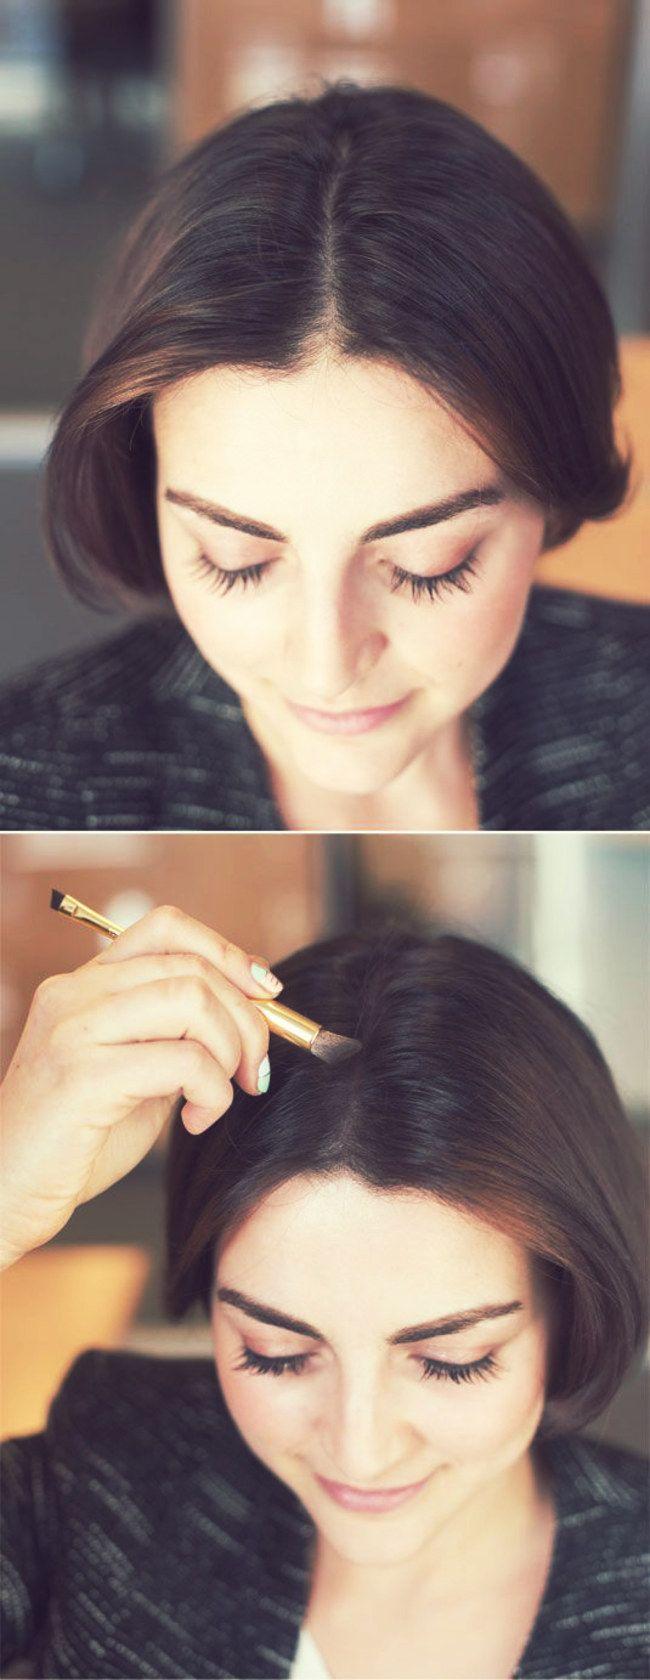 Se você tiver cabelo castanho/escuro, e quiser disfarçar um pouco o braço da raiz aparente, experimente passar uma sombra que se assemelhe ao tom do seu cabelo nela - 14 Truques de beleza para a hora de se arrumar em casa